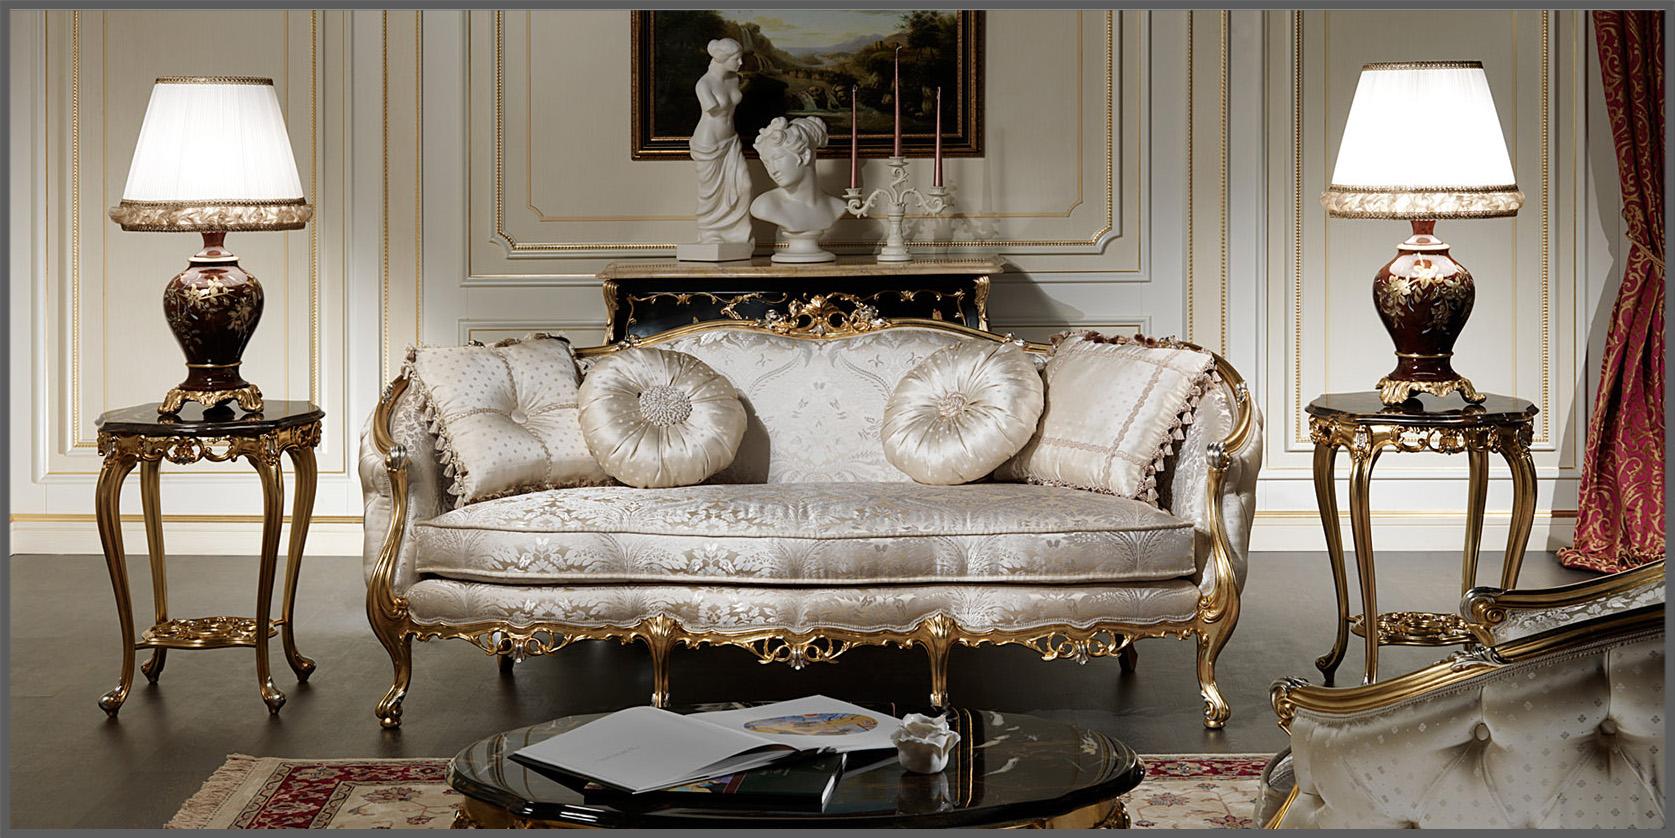 stile classico artigianato made in italy